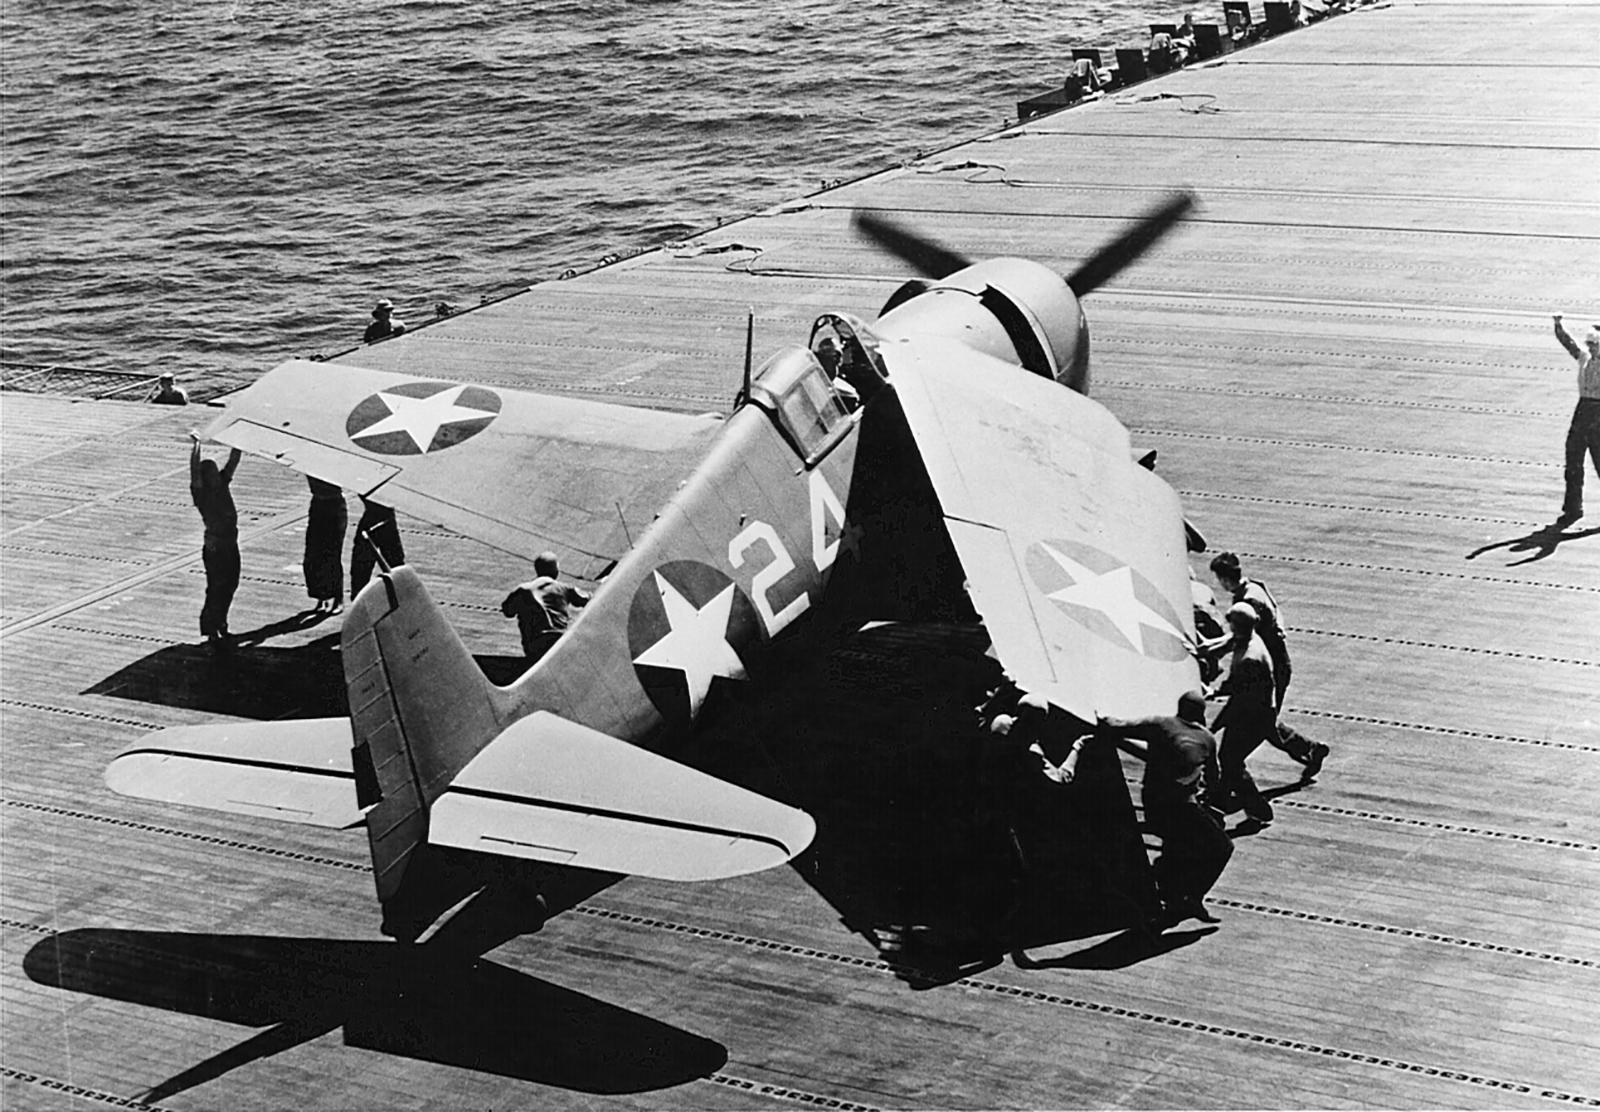 Grumman F6F 3 Hellcat White 24 aboard CV 9 USS Essex 01